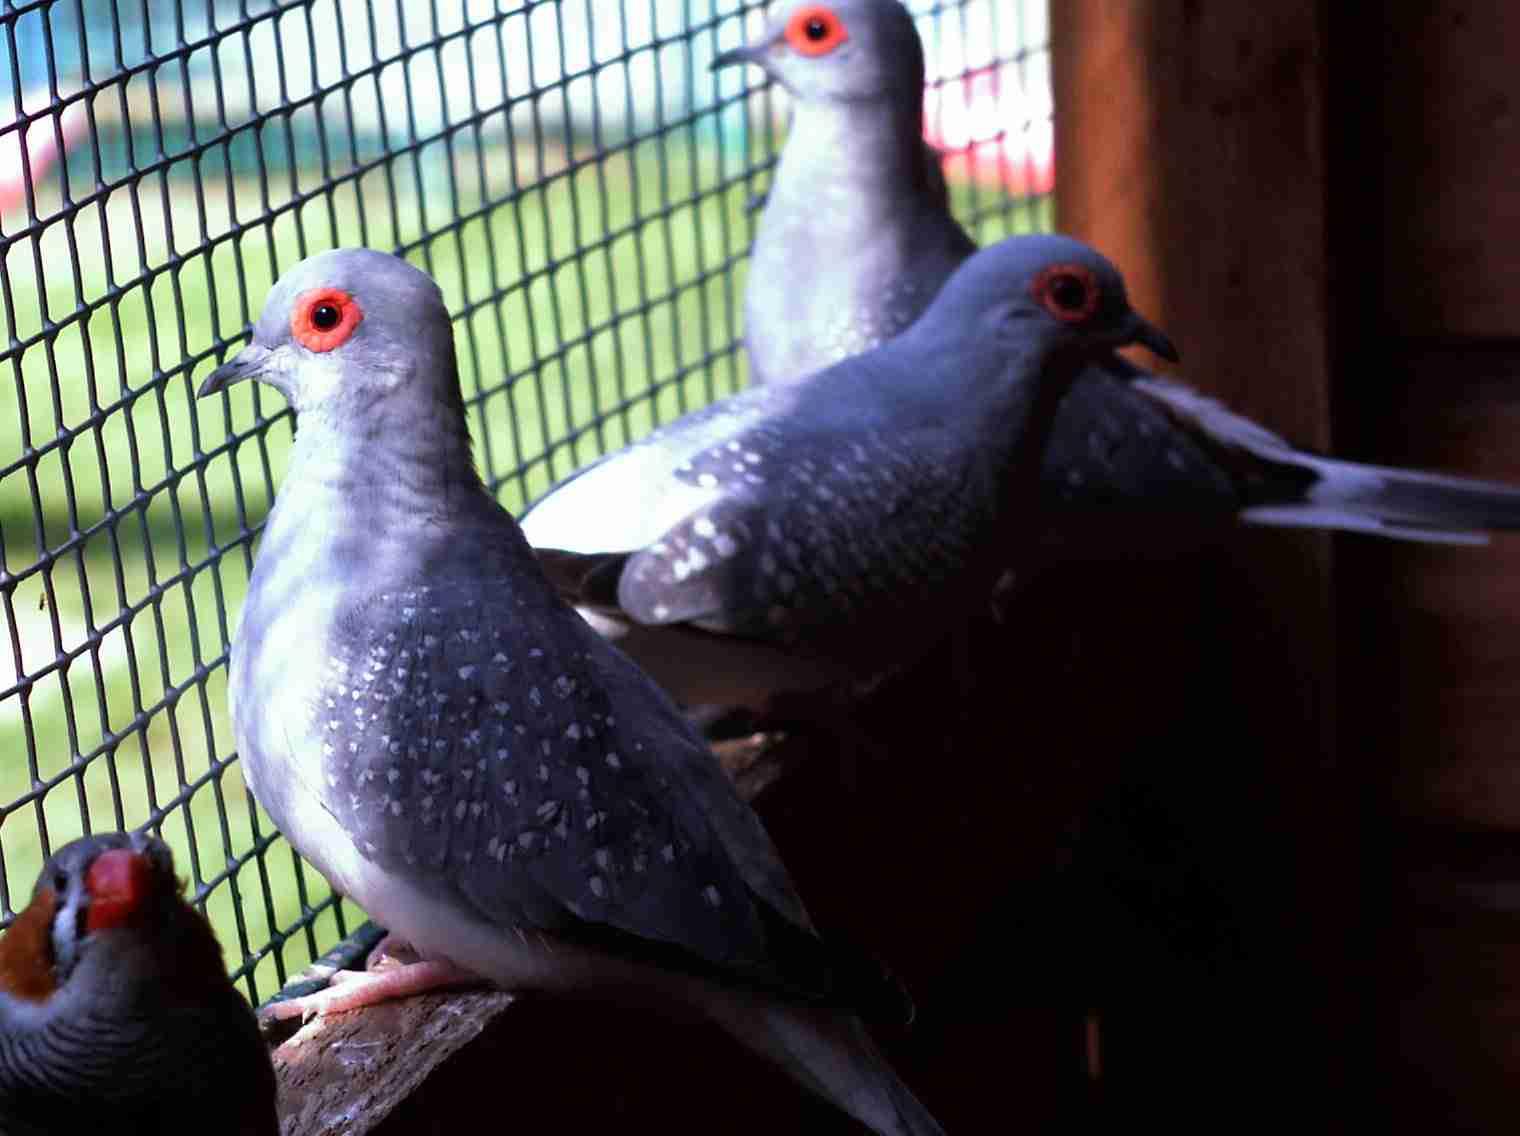 http://andysvogelzucht.klack.org/bilder/3tauben.jpg